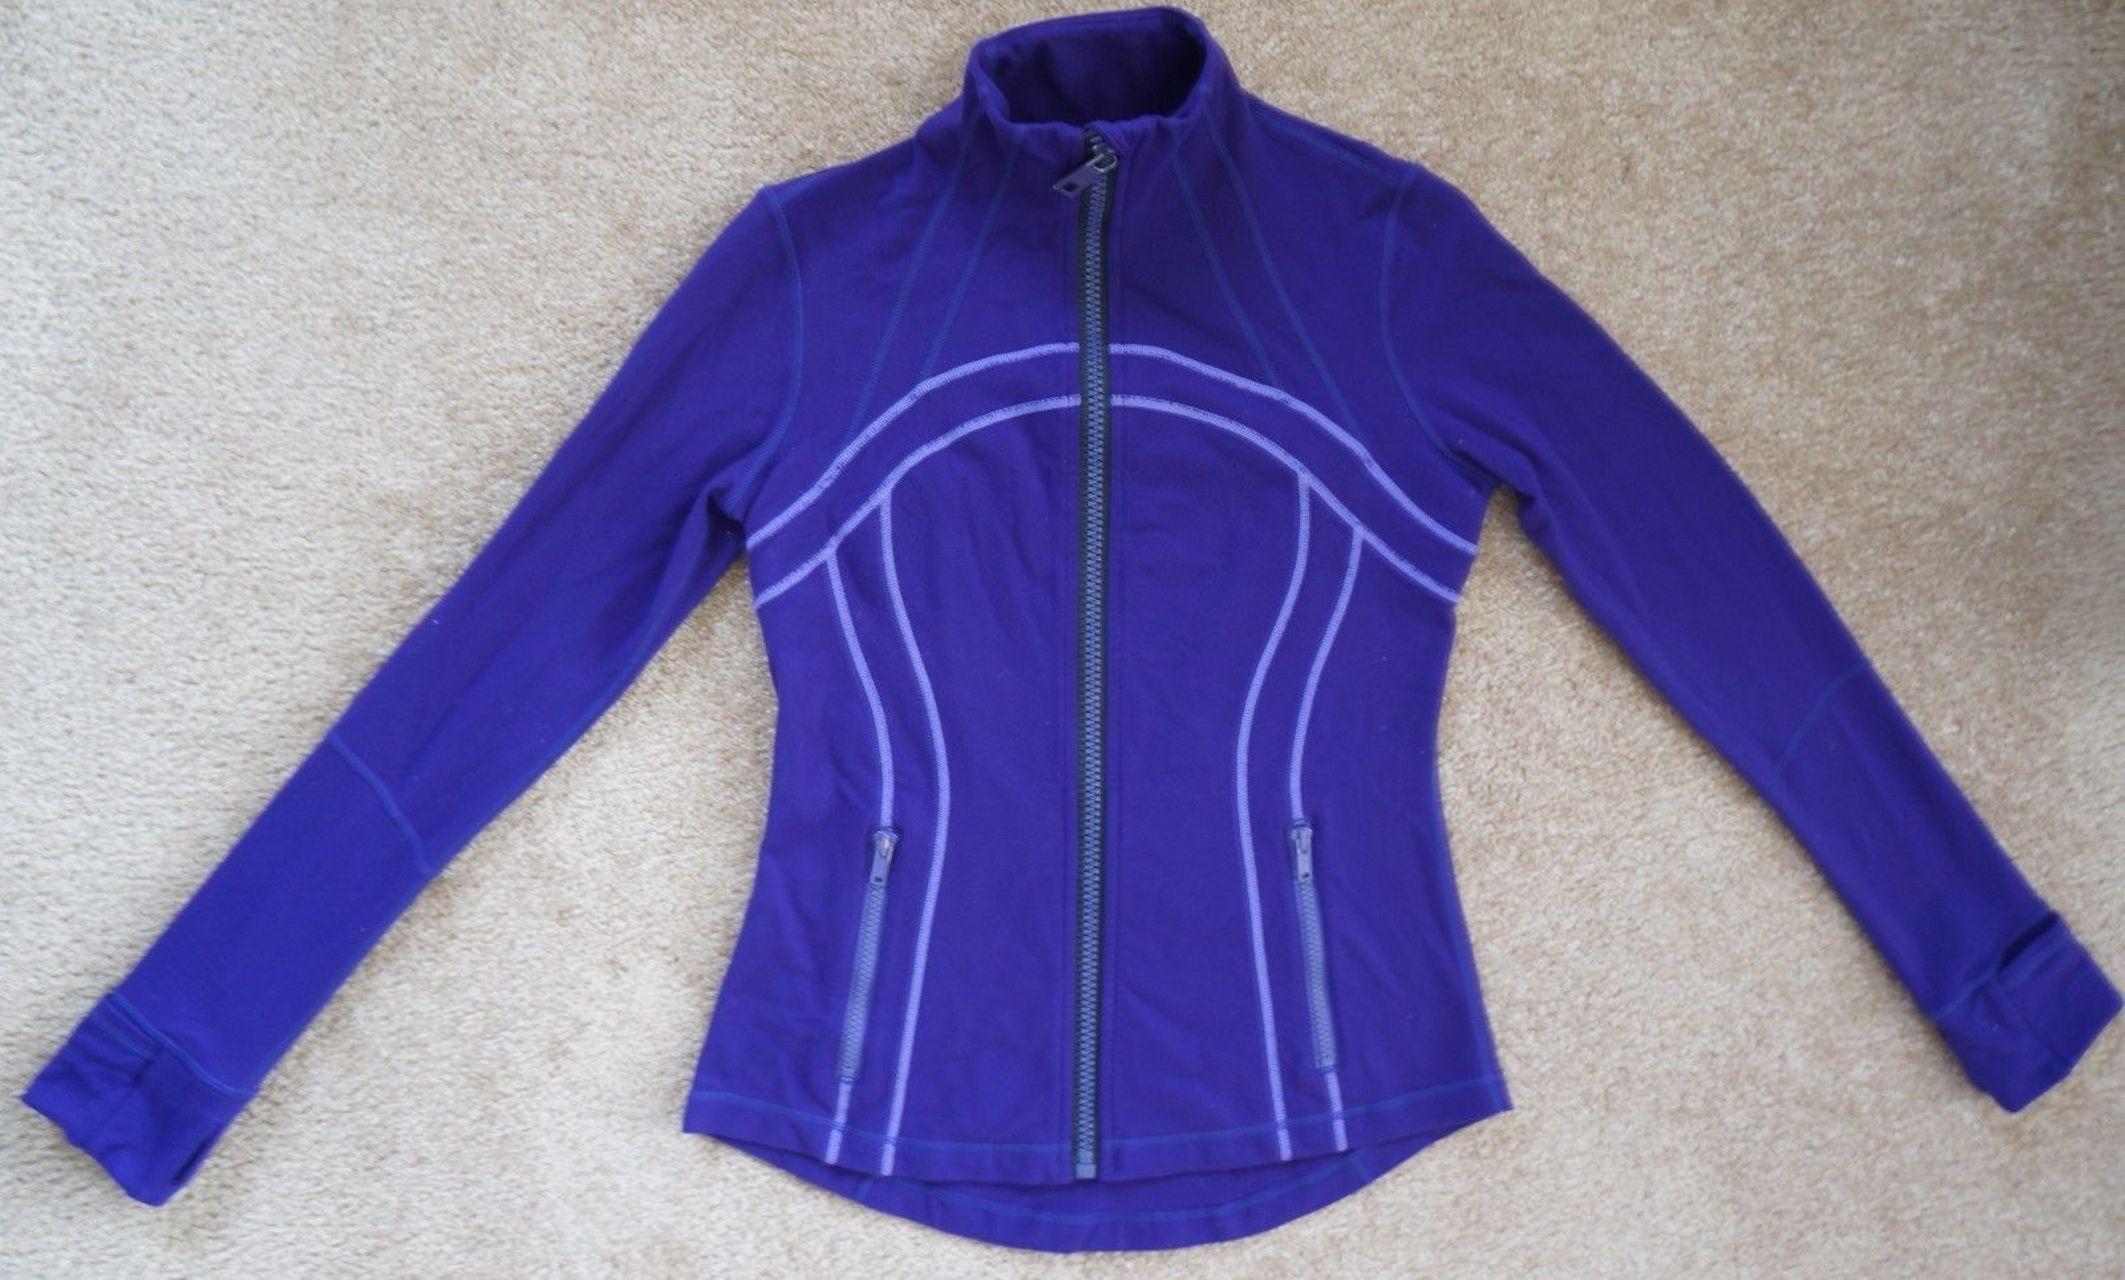 Lululemon Define Jacket - Lolo Purple